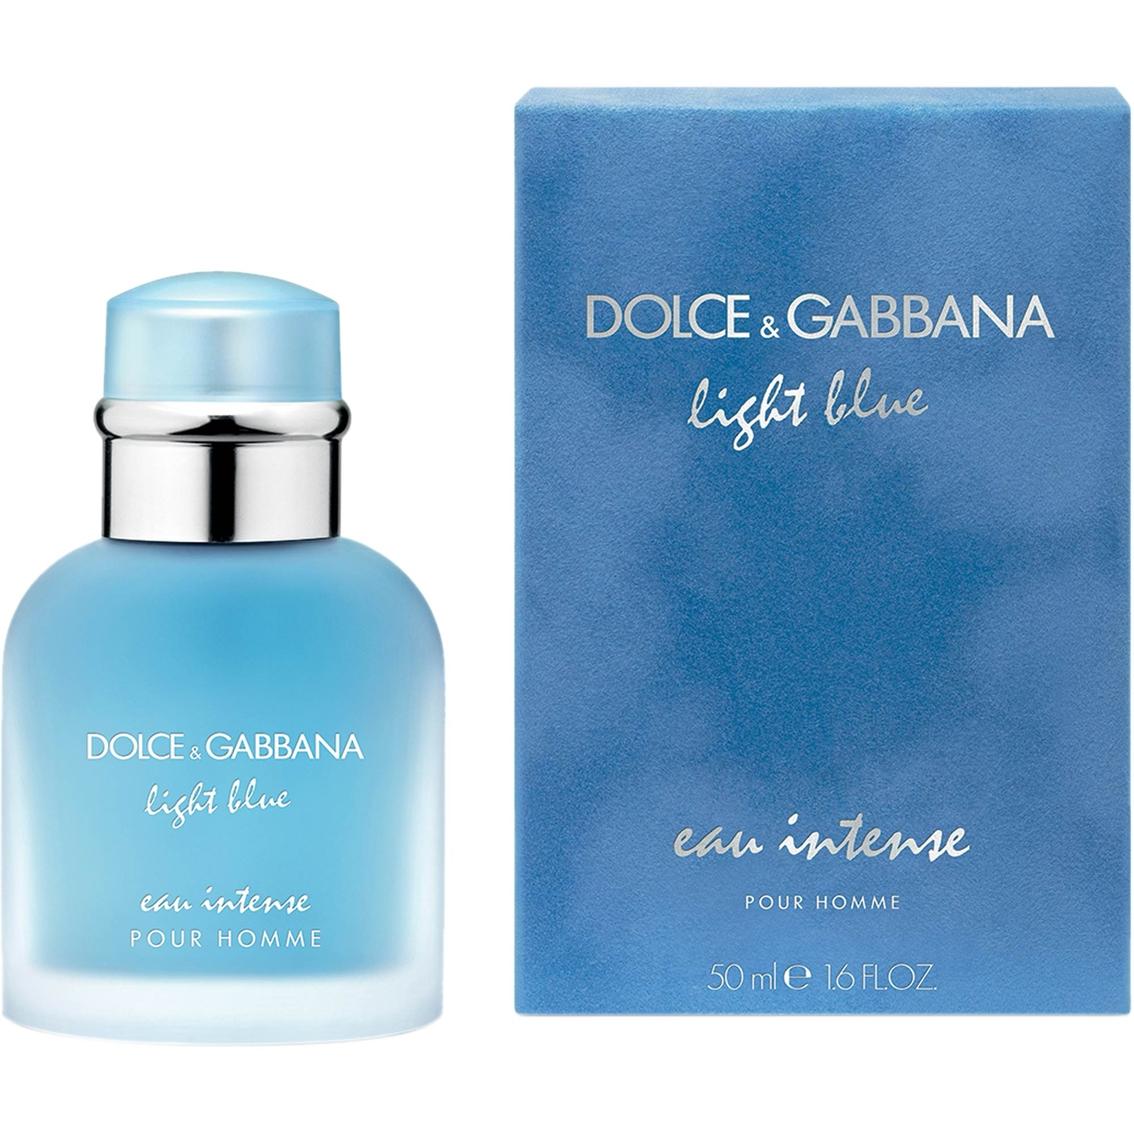 dolce gabbana light blue pour homme eau intense eau de parfum 50m appasia e marketplace. Black Bedroom Furniture Sets. Home Design Ideas